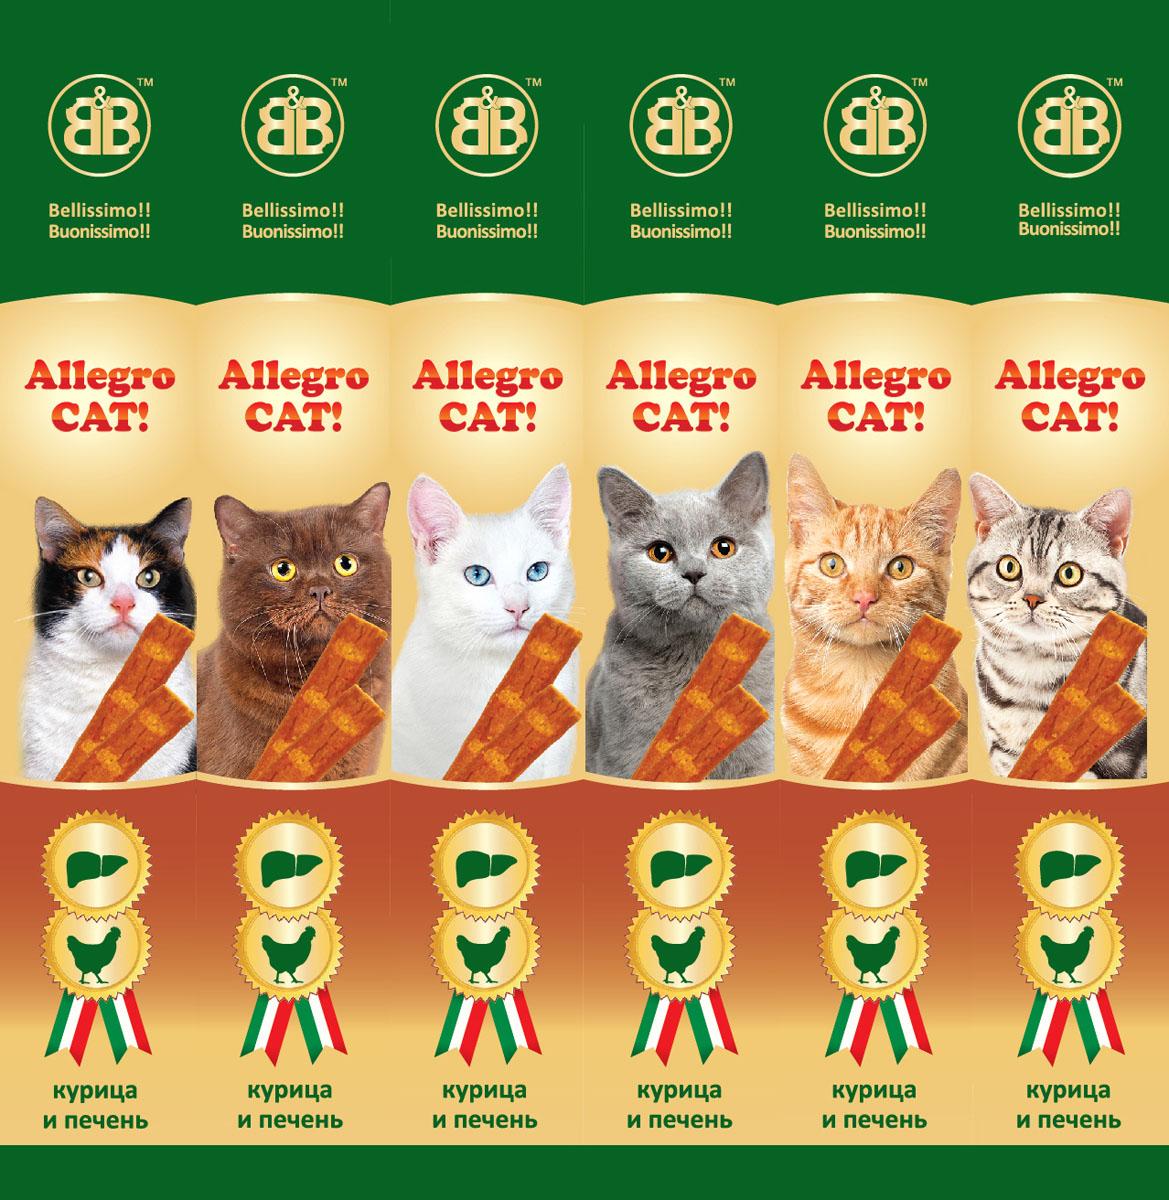 """Лакомство для кошек """"B&B Allegro Cat"""", мясные колбаски из курицы и печени, 6х5 г"""